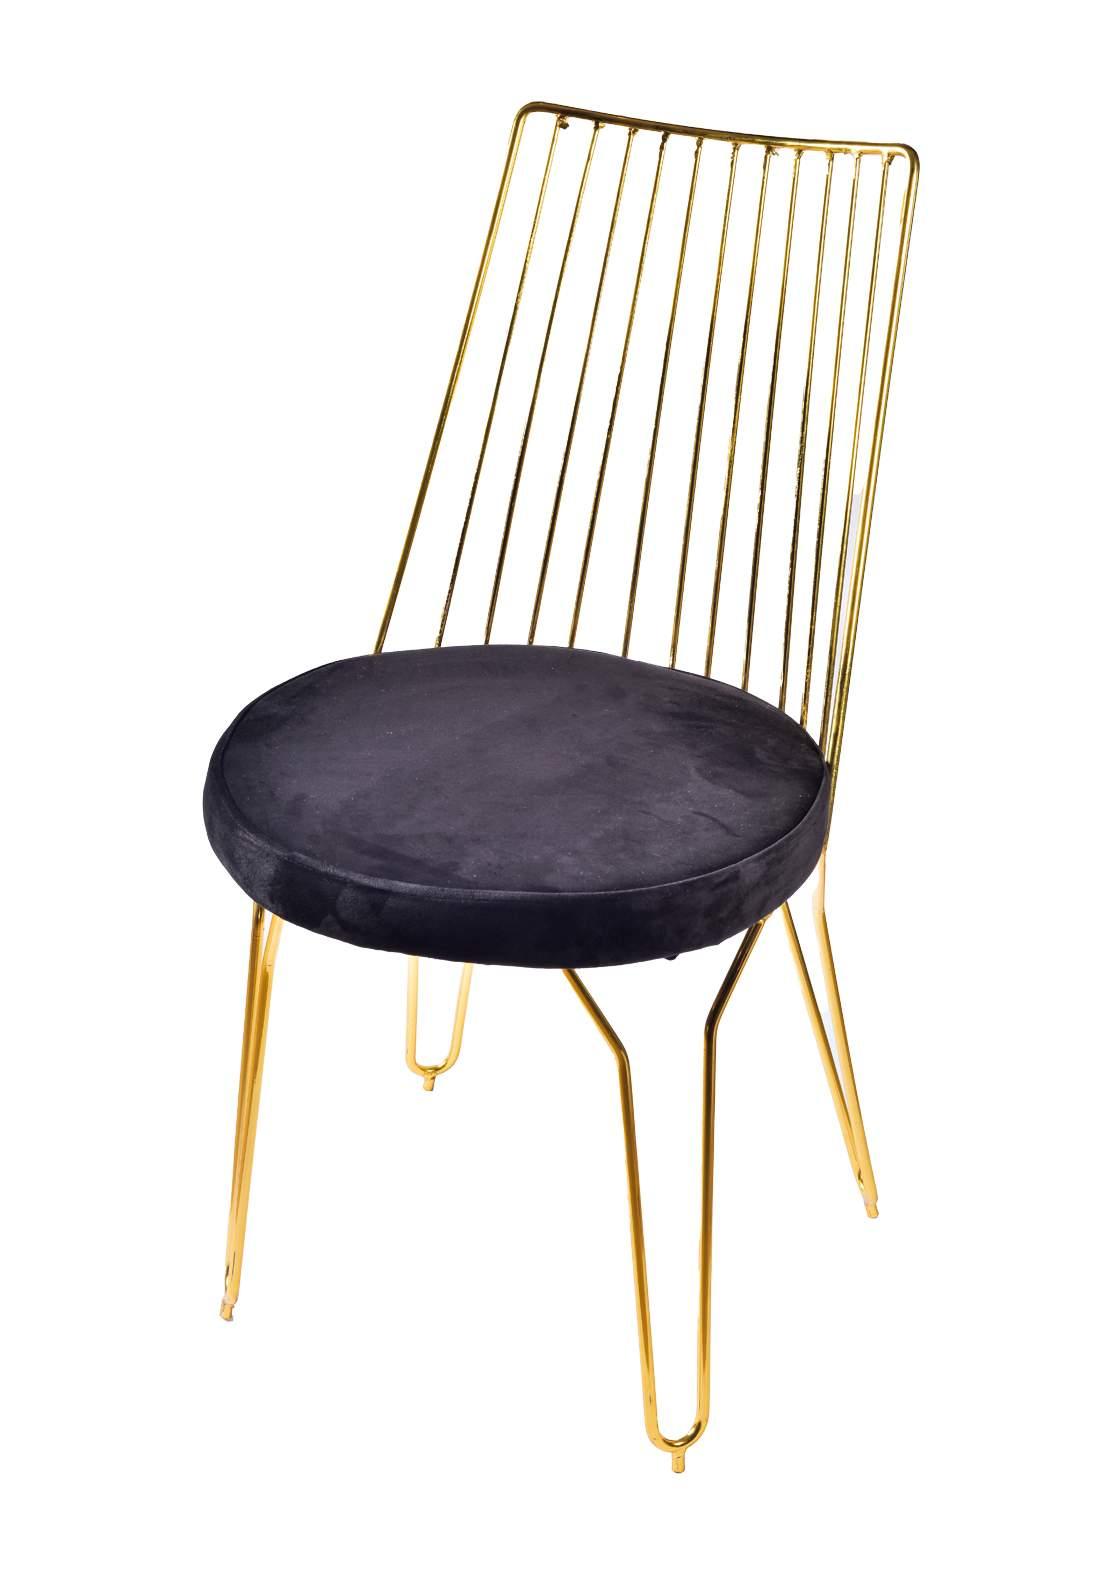 كرسي ستيل ذهبي من ايوانكو